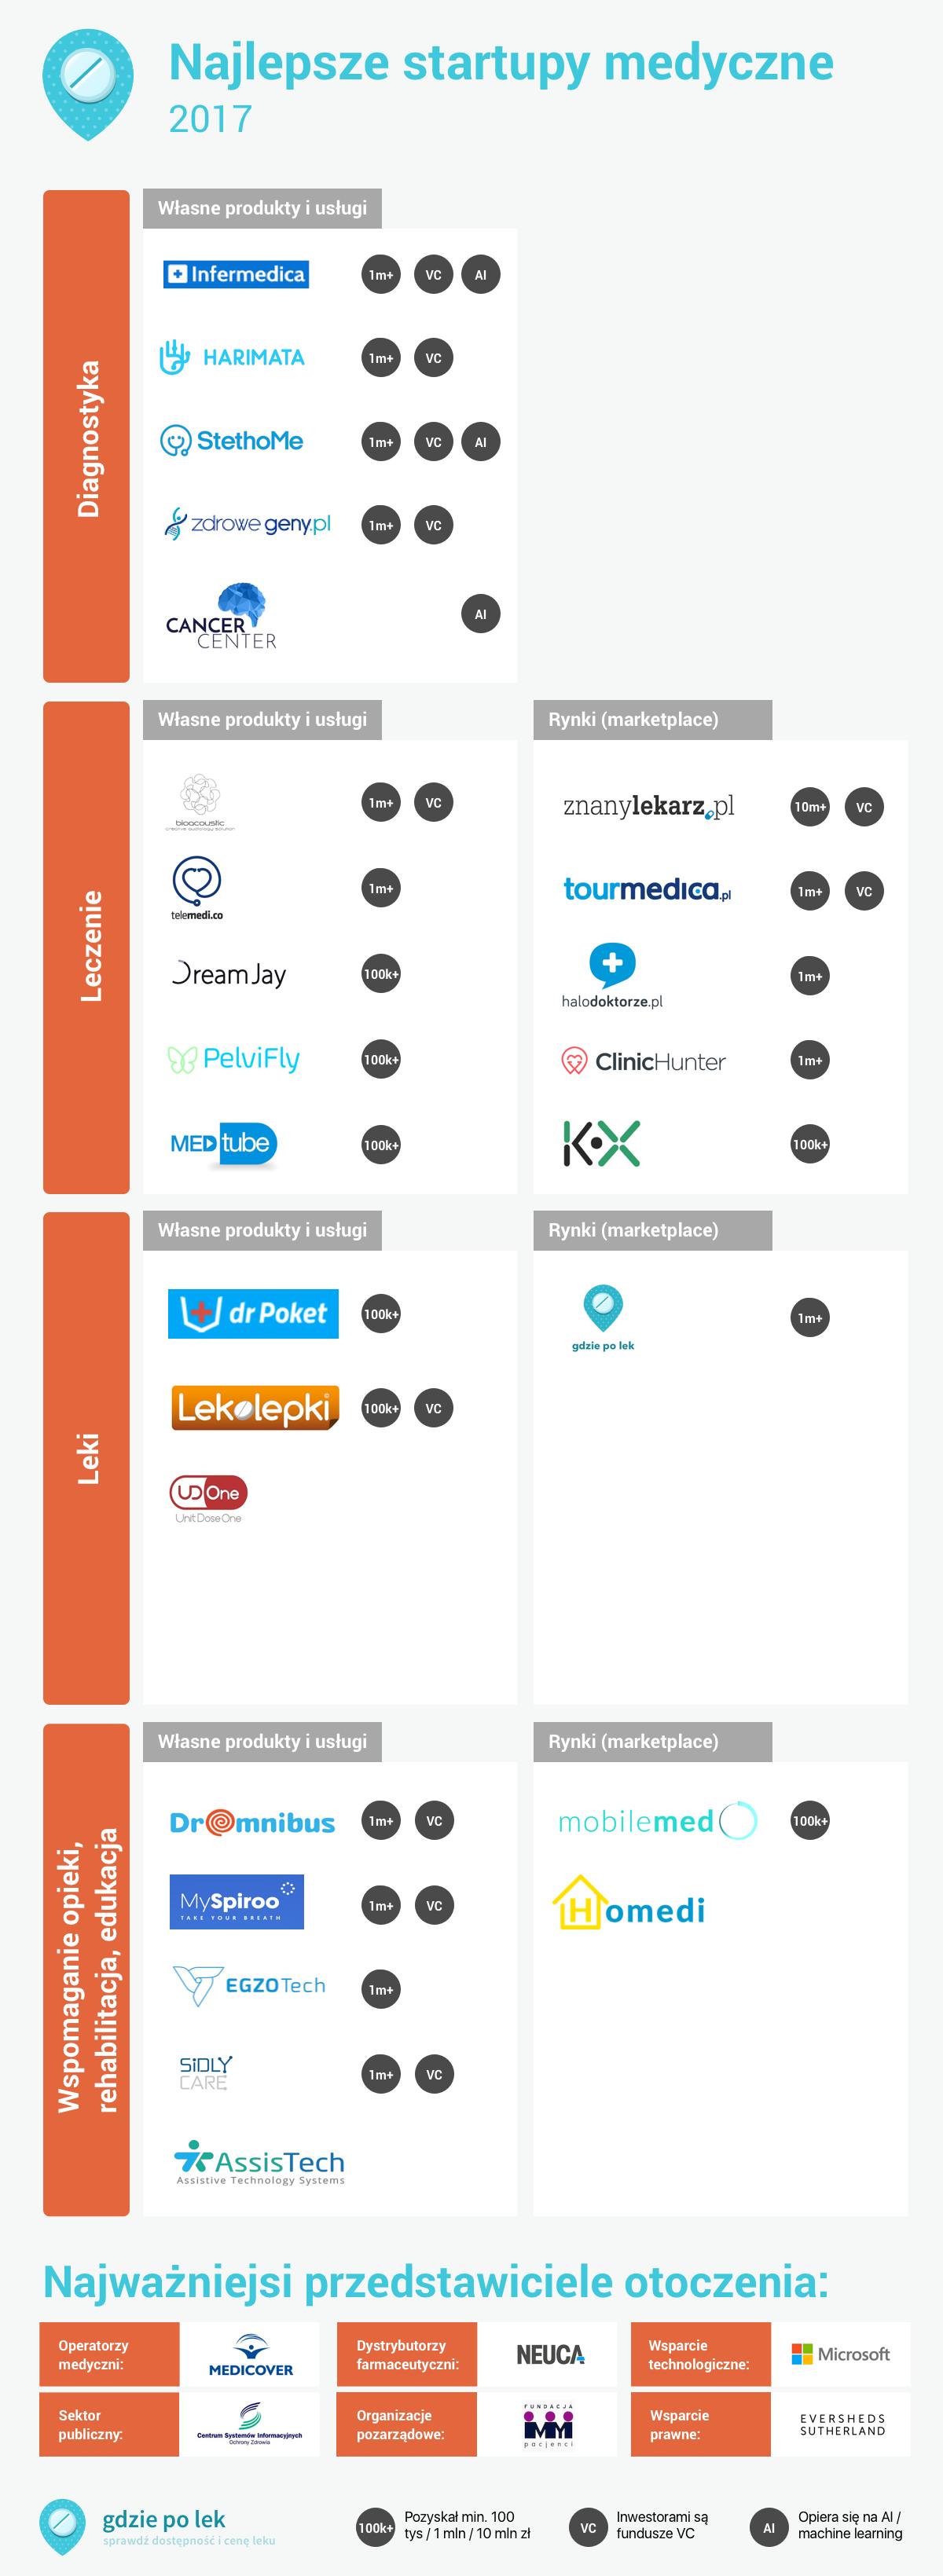 Mapa startupów medycznych GdziePoLek